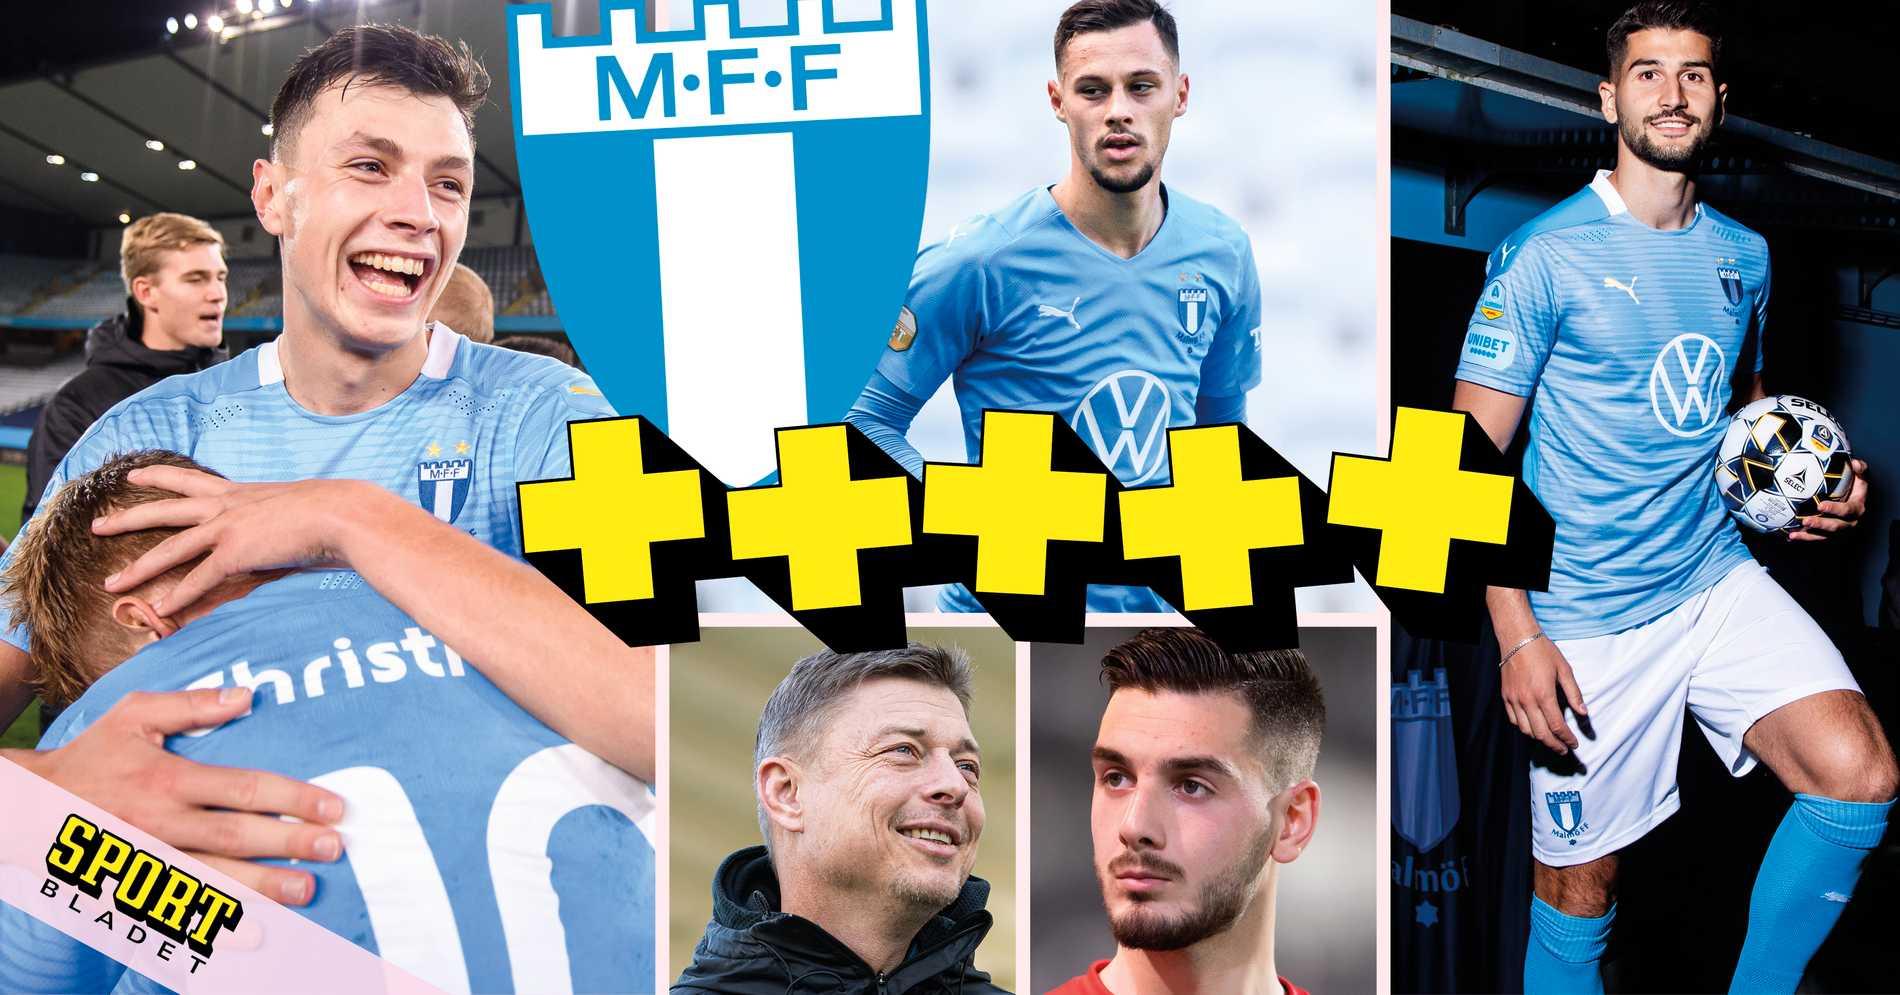 Djupanalys 2021: Malmö FF